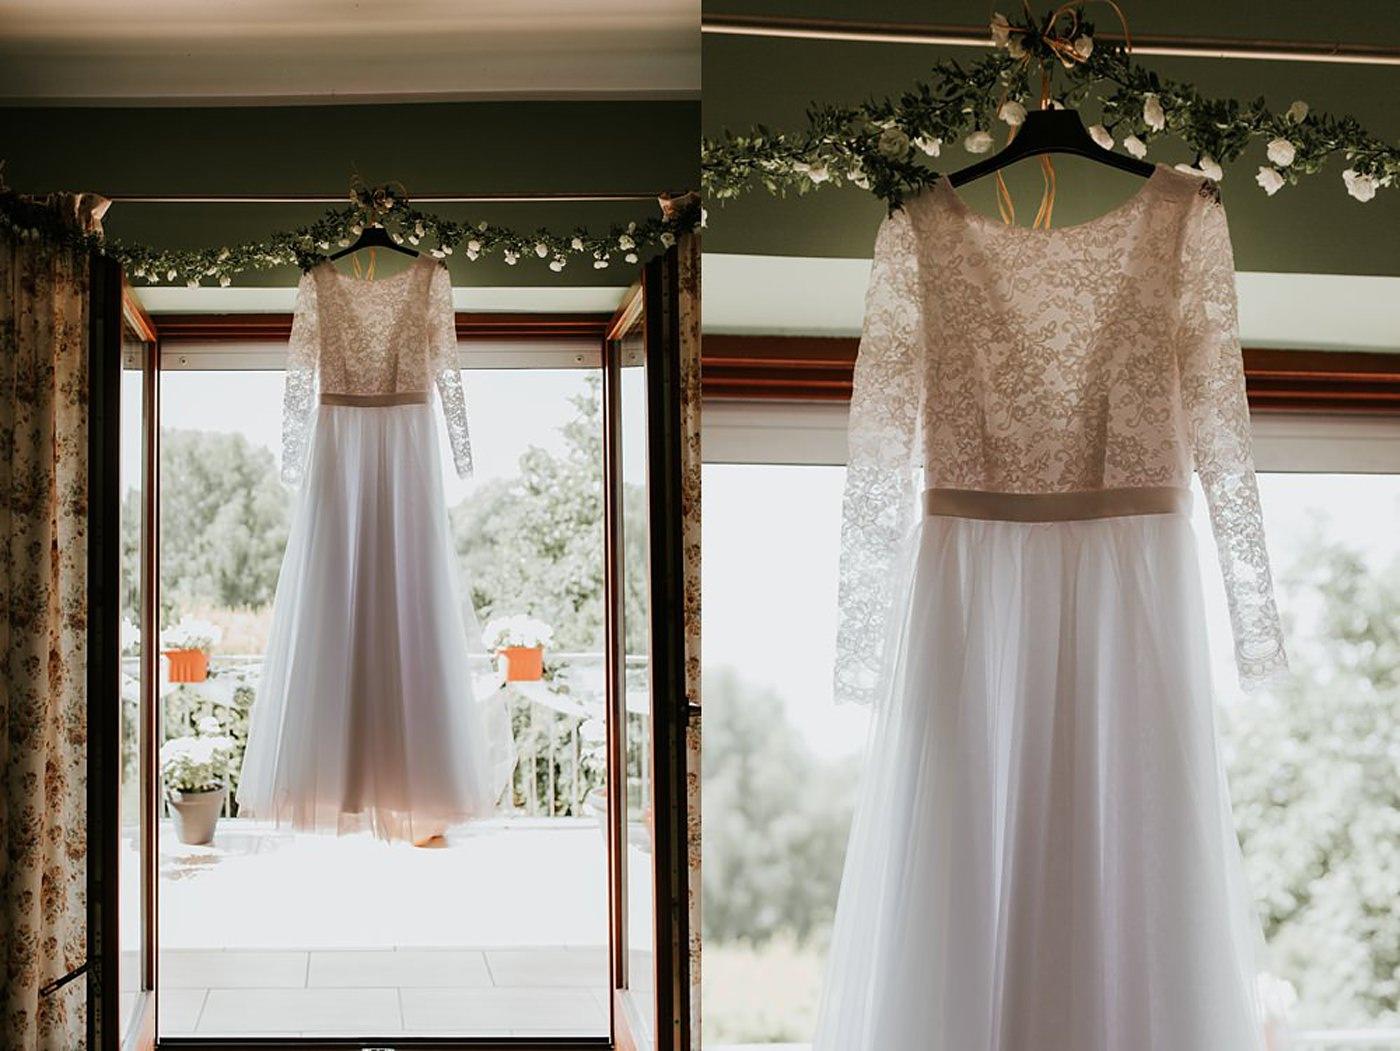 Dominika & Aleksander - Rustykalne wesele w stodole - Baborówko 3